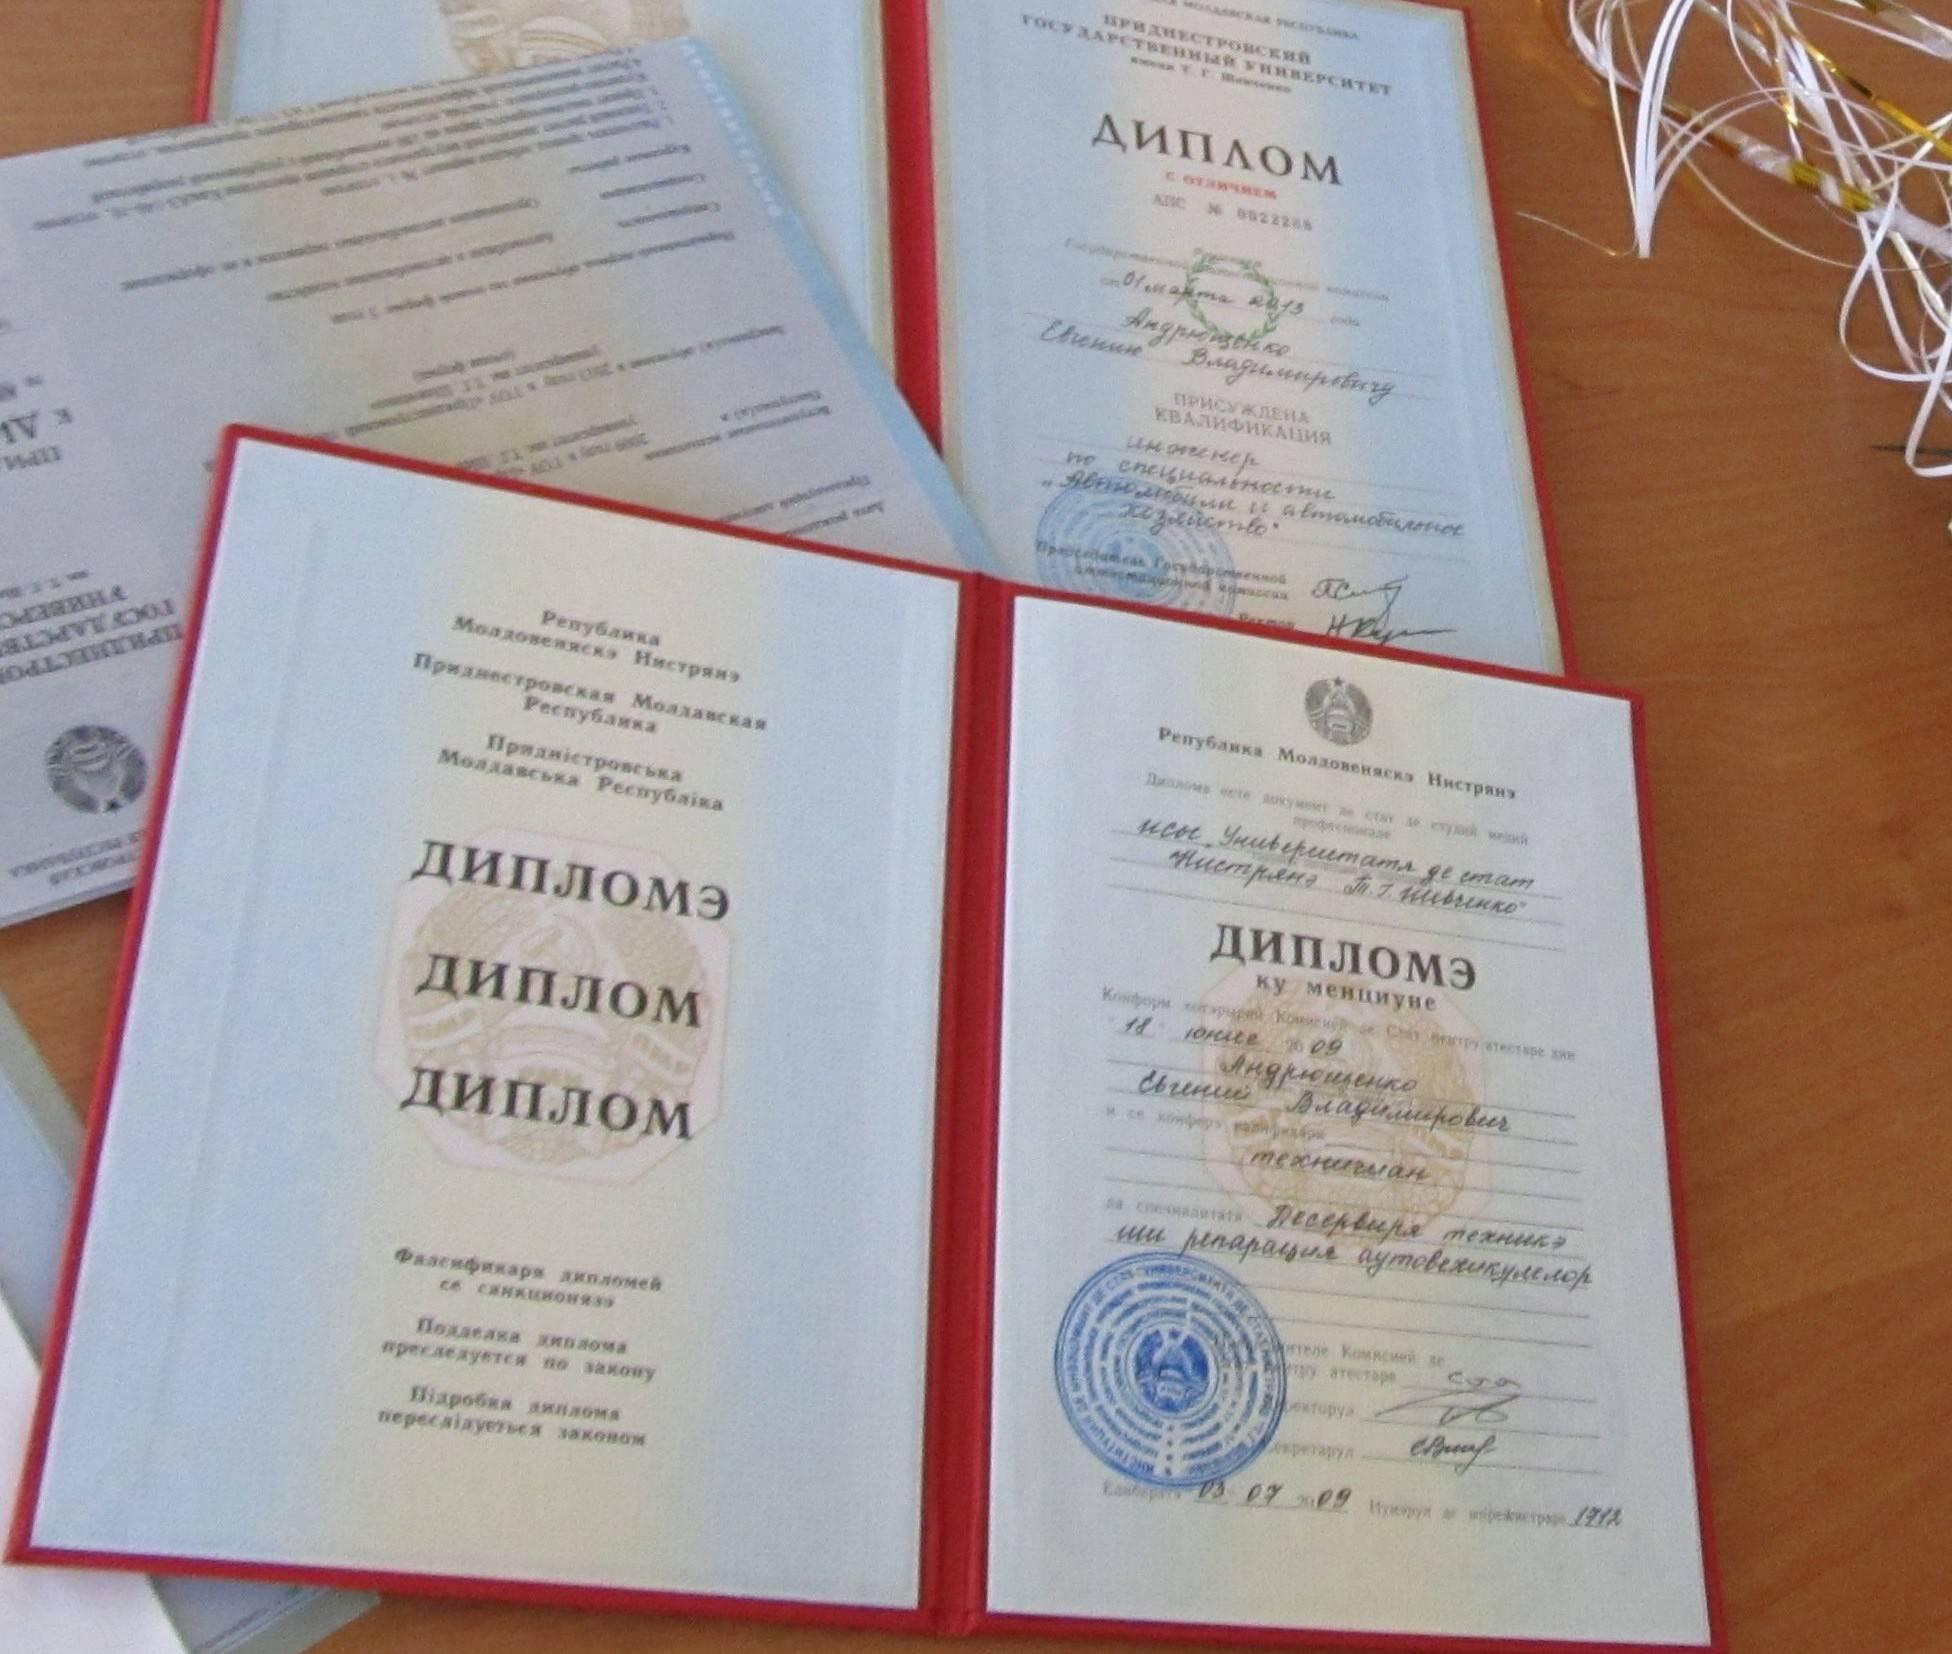 Как подтвердить диплом в германии